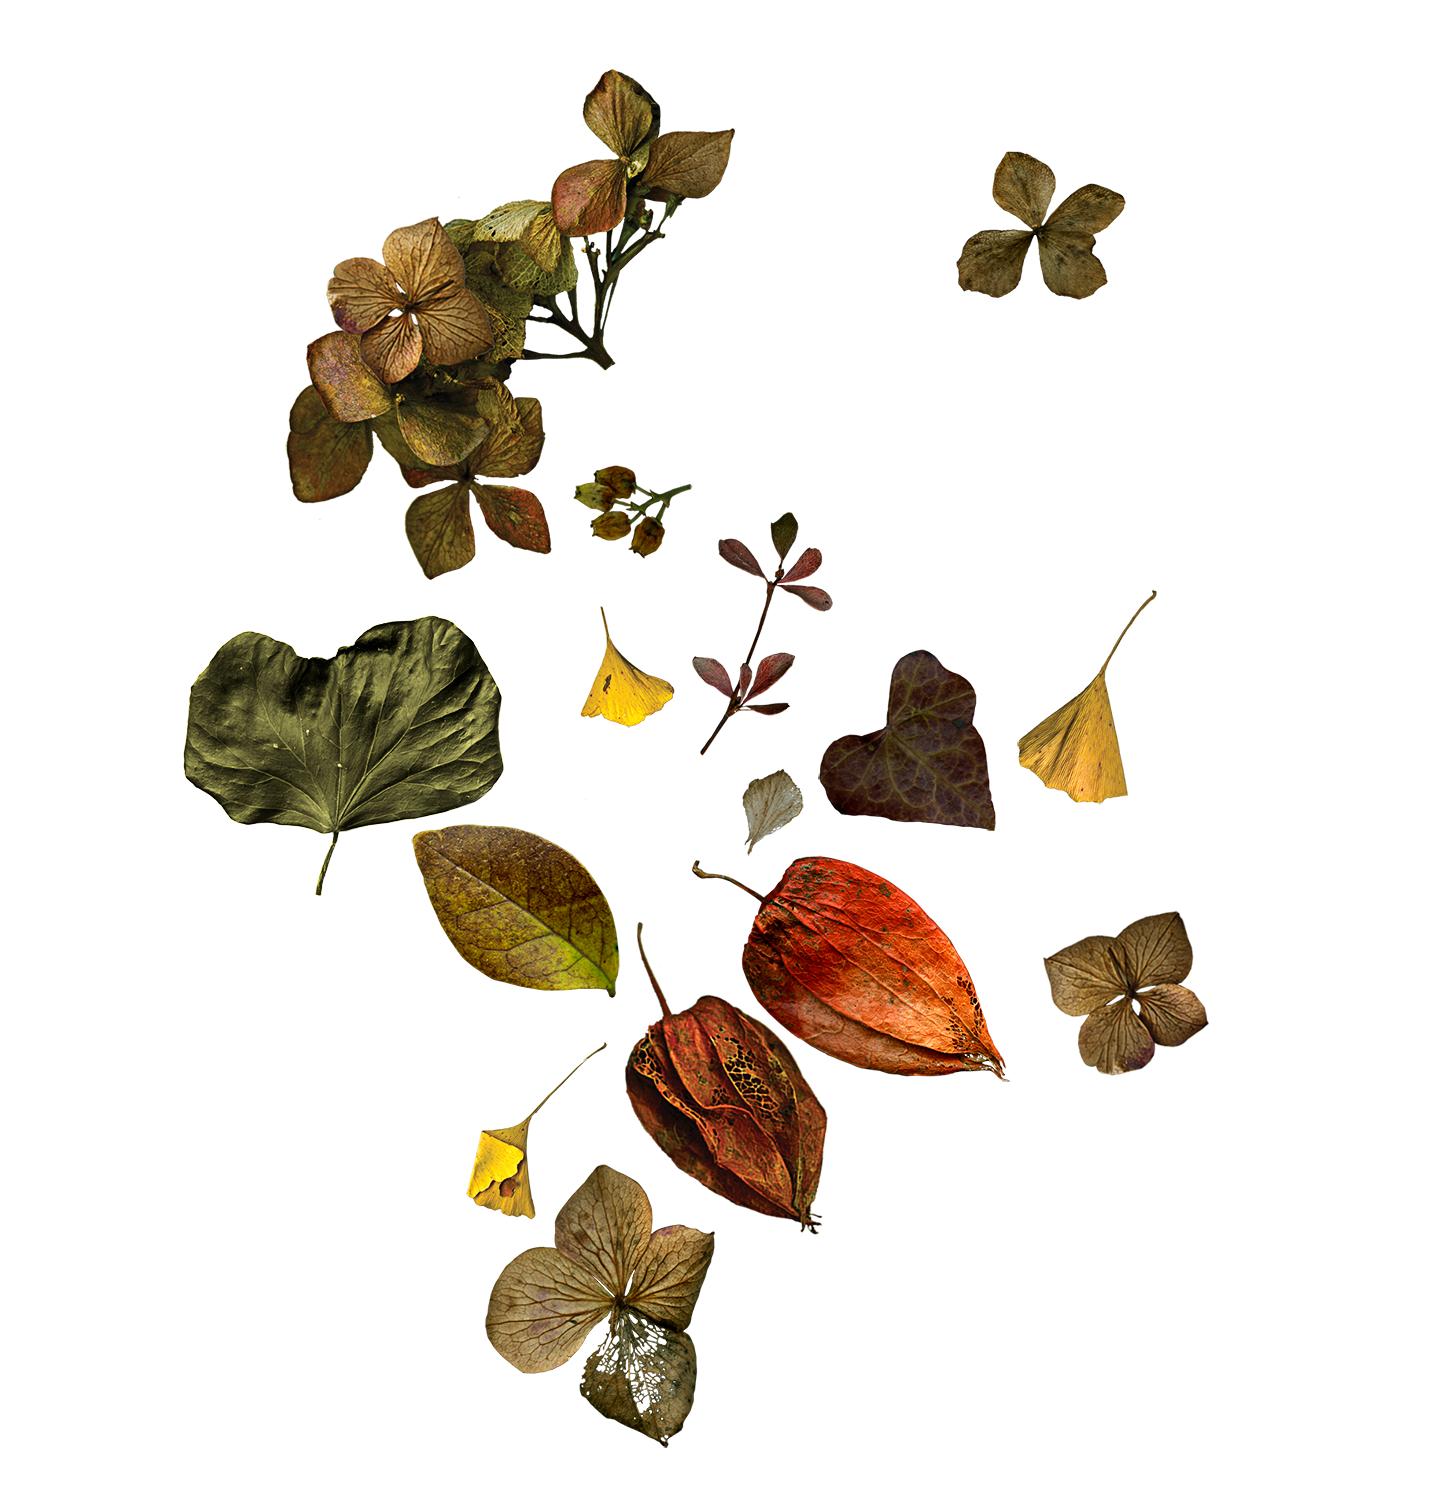 botanica-seca_experimentos.png